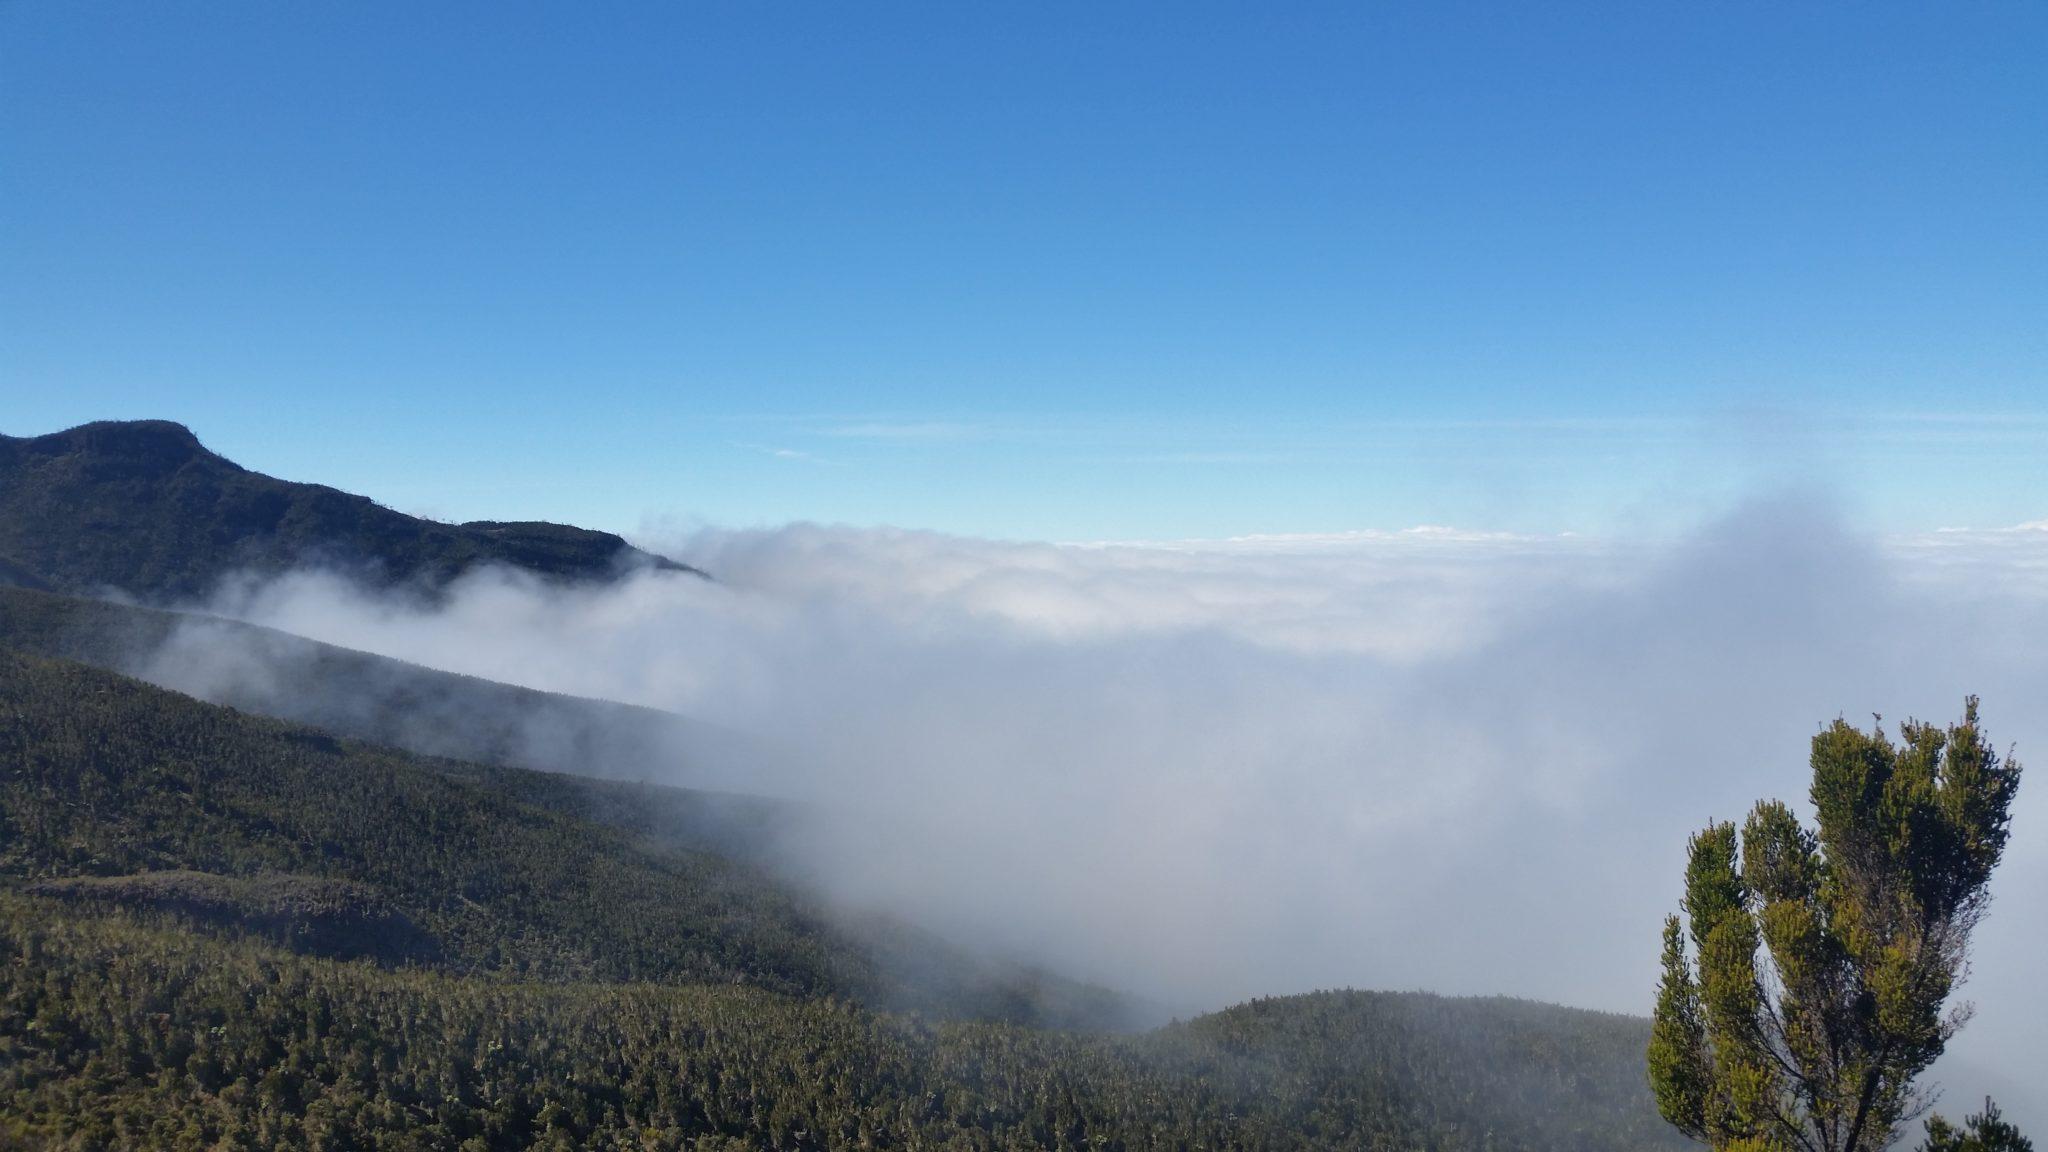 Jolan was alvast helemaal in de wolken met zijn reis!